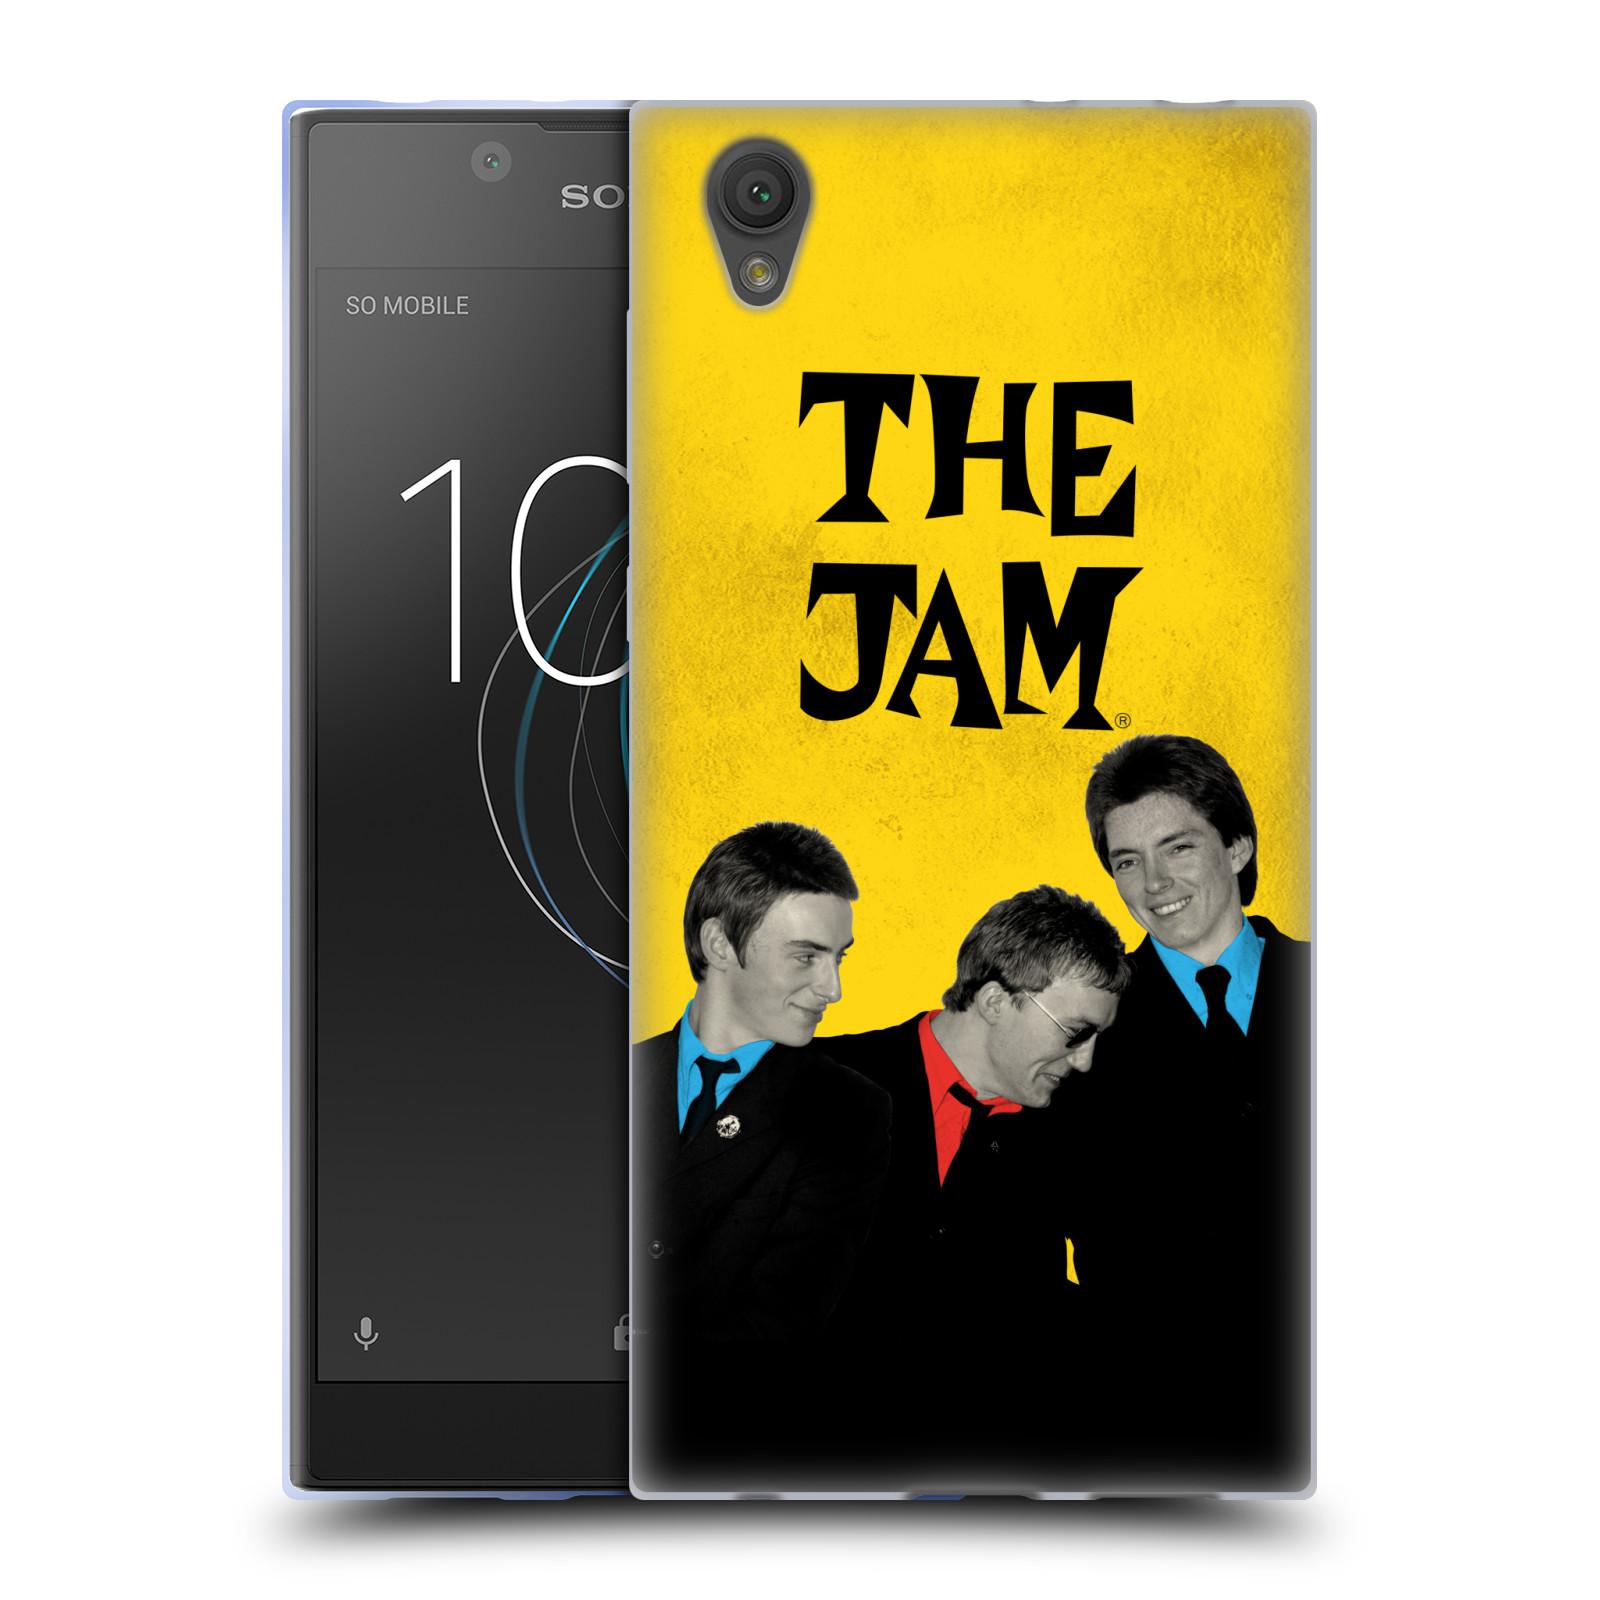 HEAD CASE silikonový obal na mobil Sony Xperia L1 skupina The Jam